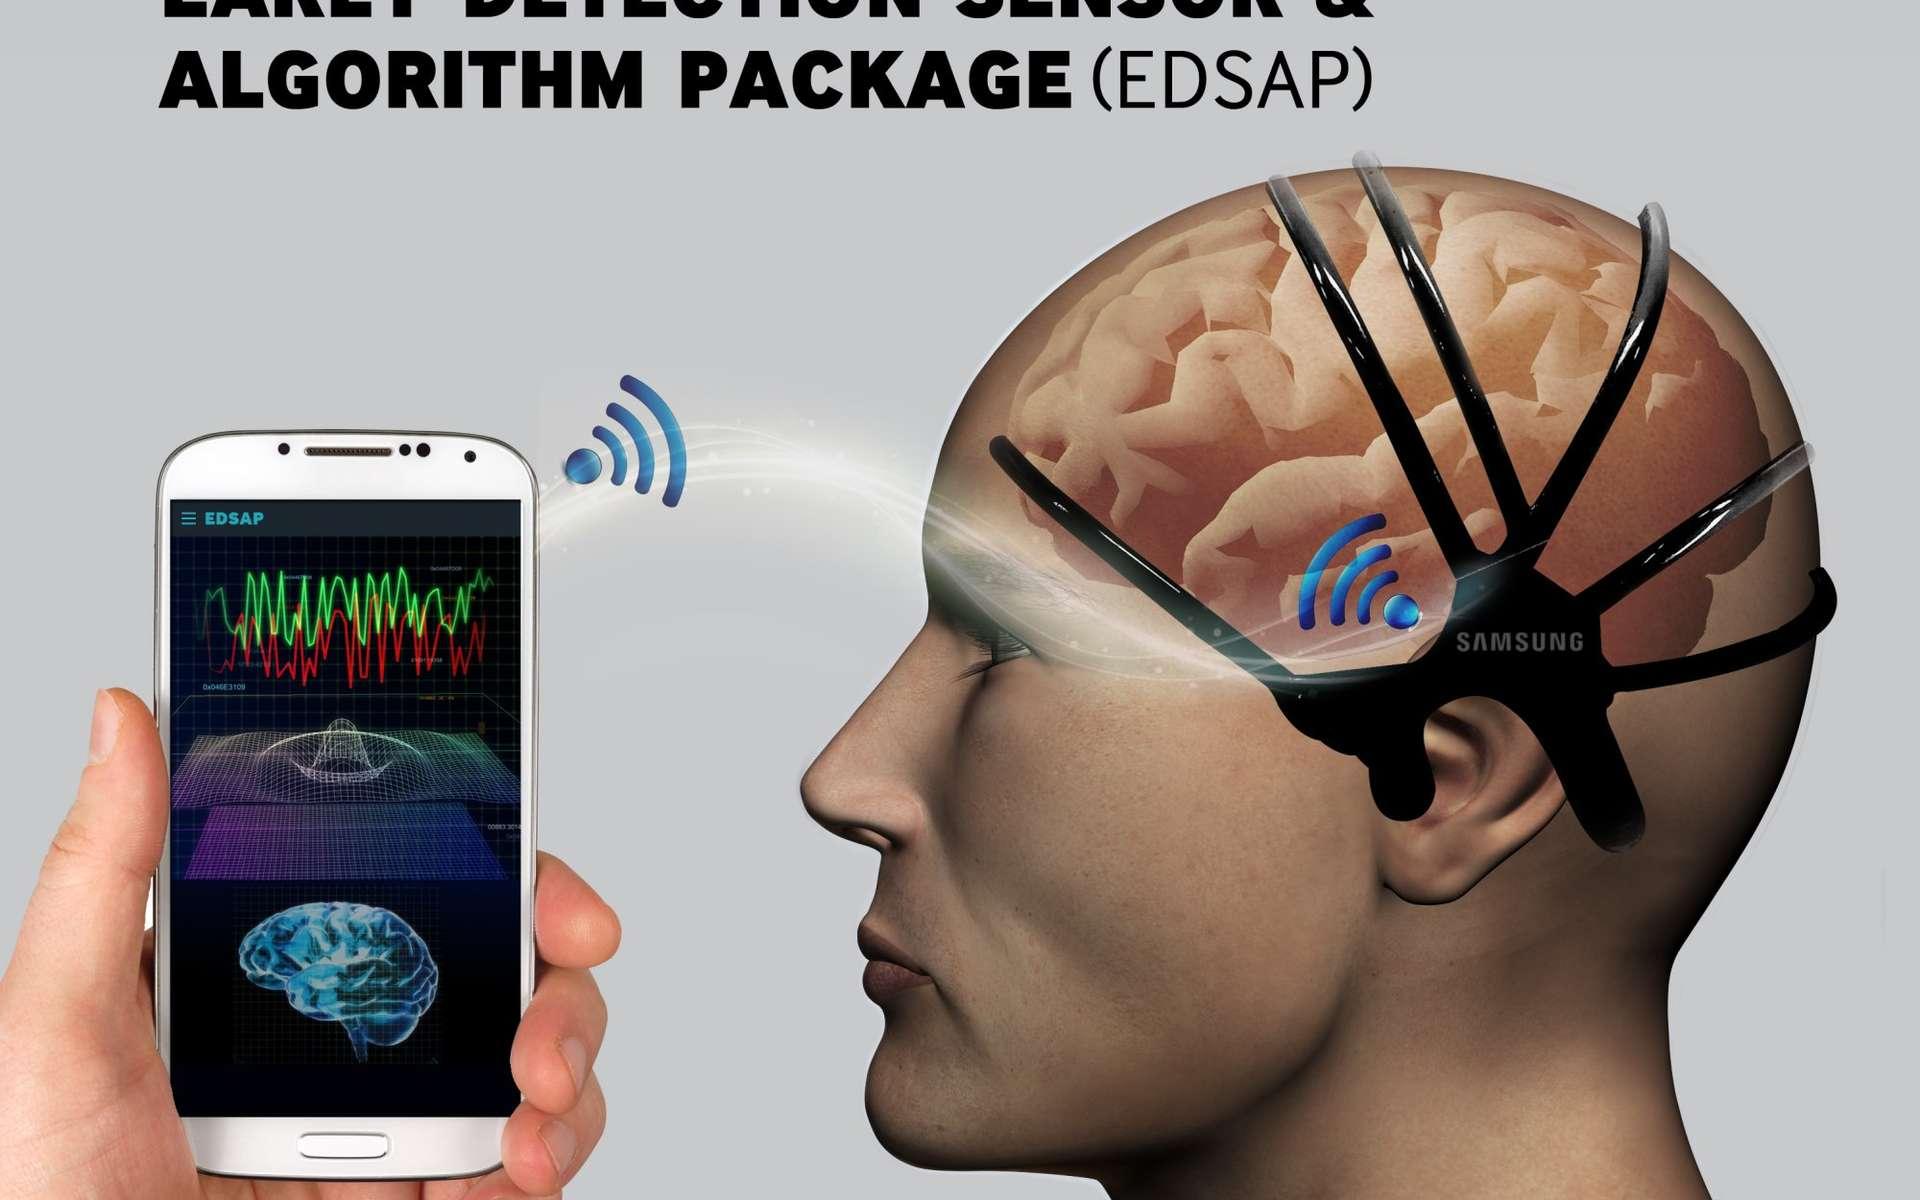 Le suivi d'un électroencéphalogramme à l'aide de ce casque discret et d'une analyse effectuée sur un smartphone pourrait suffire d'après des ingénieurs coréens, à détecter des signes annonciateurs d'un AVC. © Samsung